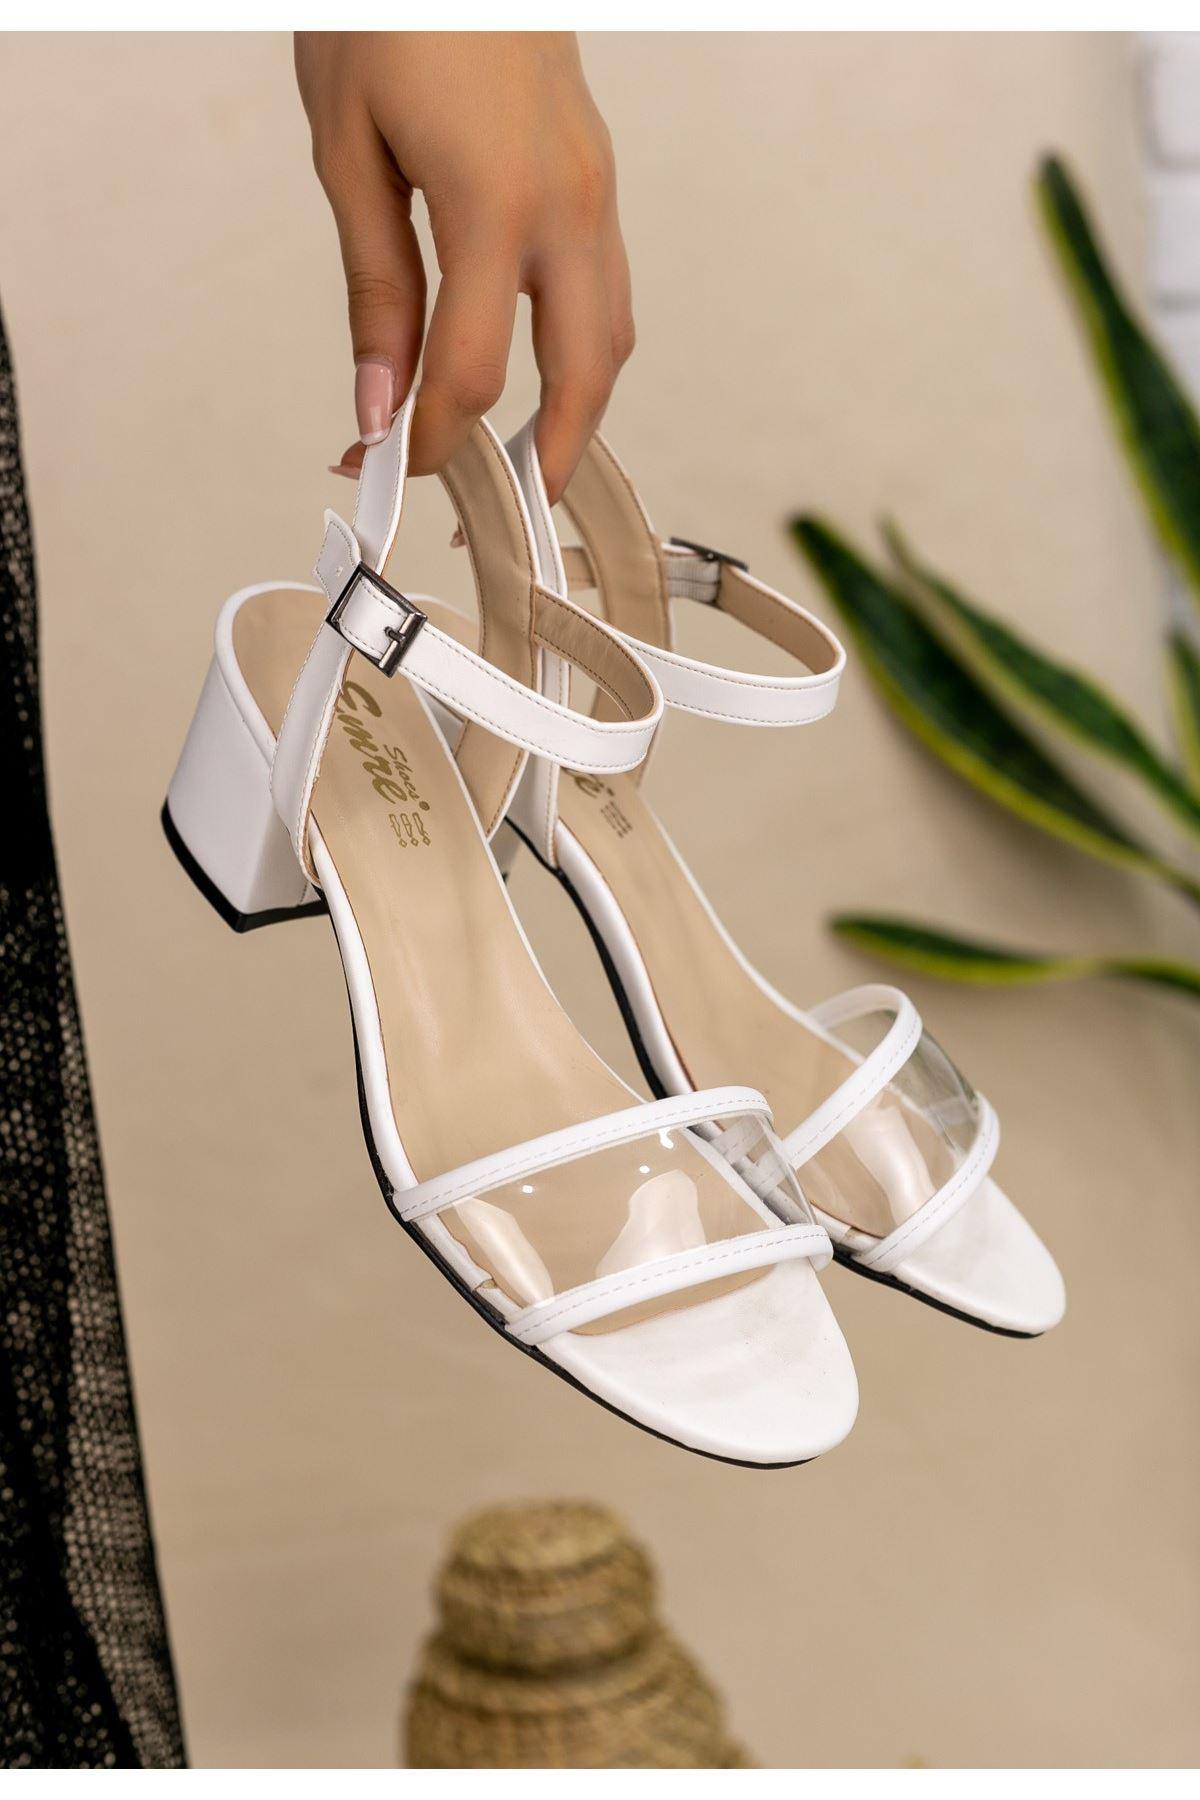 Robel Beyaz Cilt Tek Bant Topuklu Ayakkabı